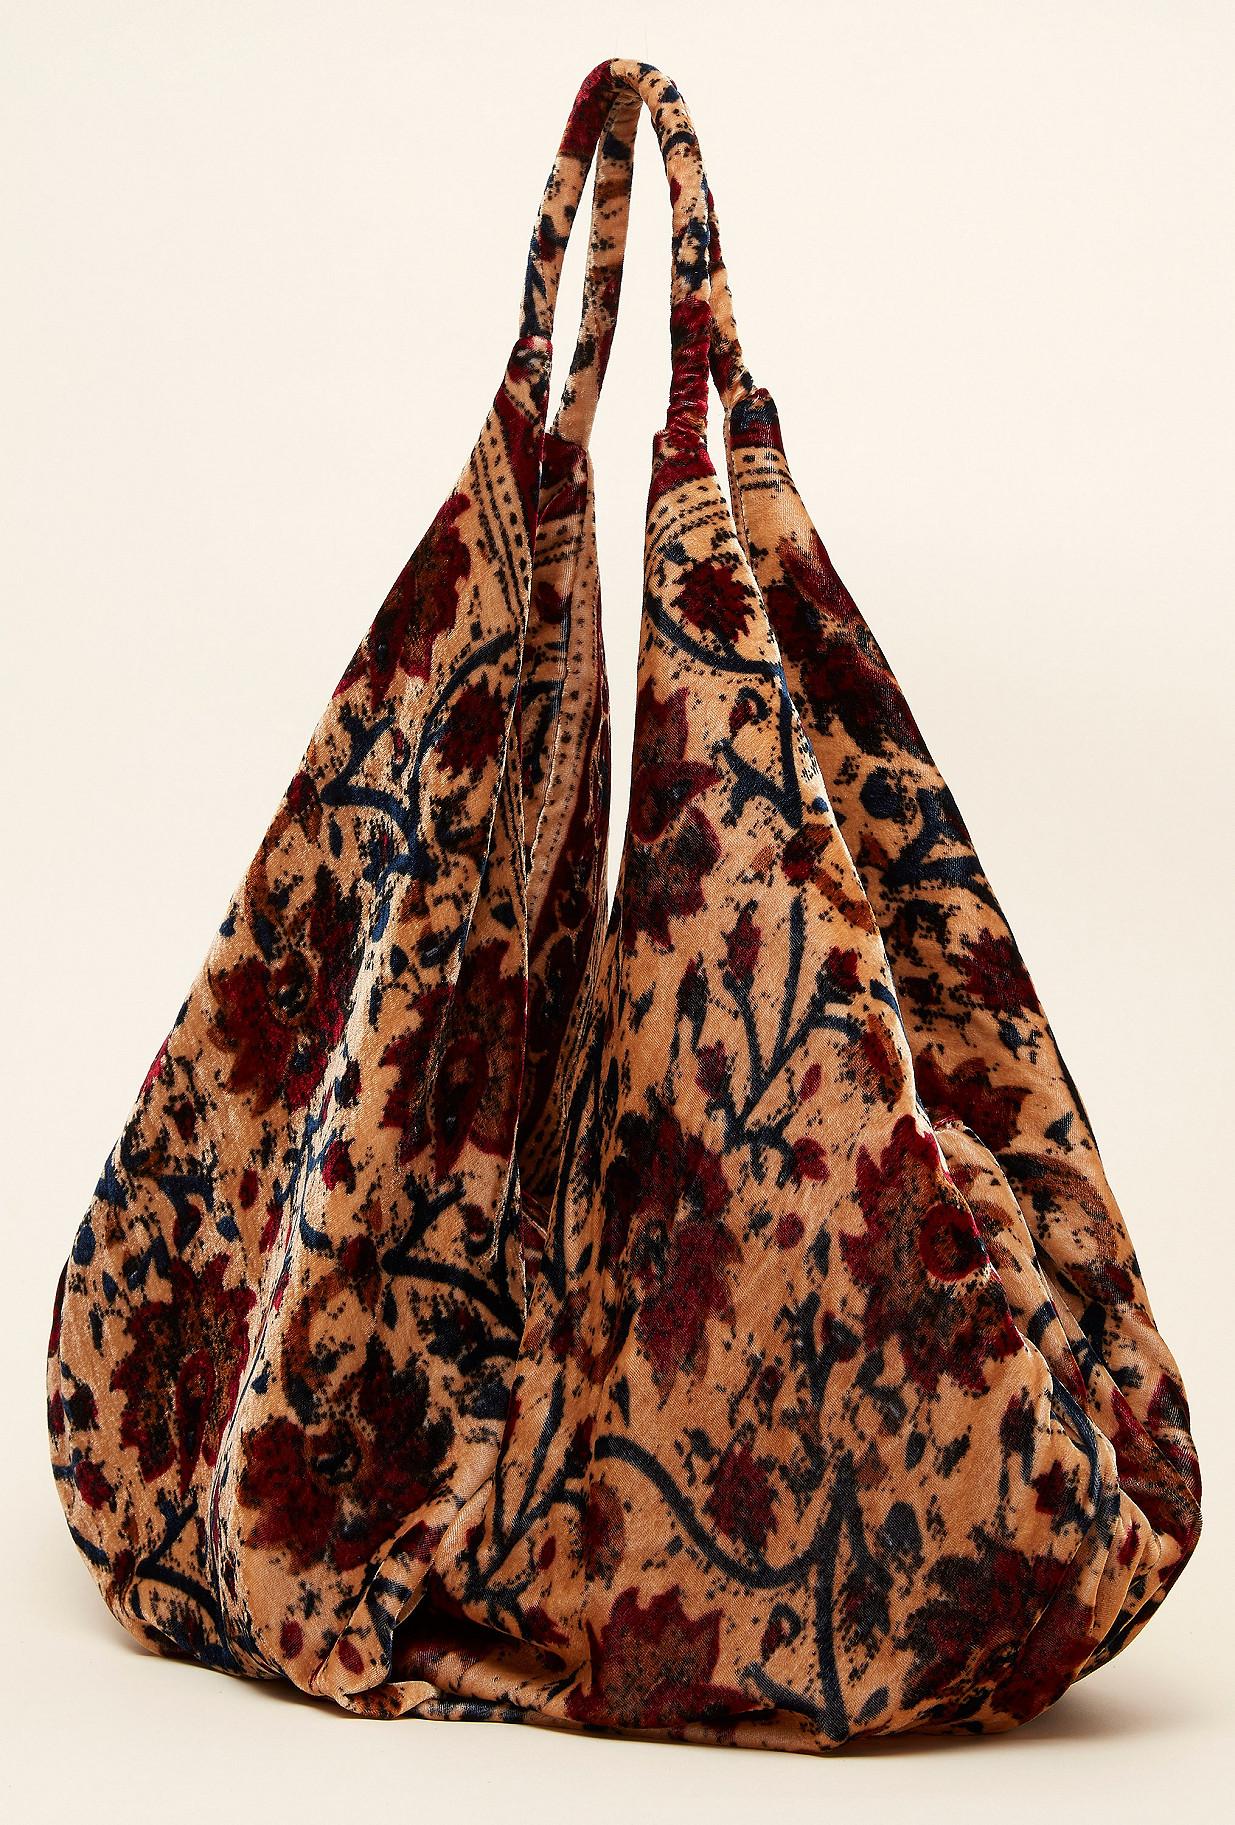 Floral print  Bag  Chadok Mes demoiselles fashion clothes designer Paris